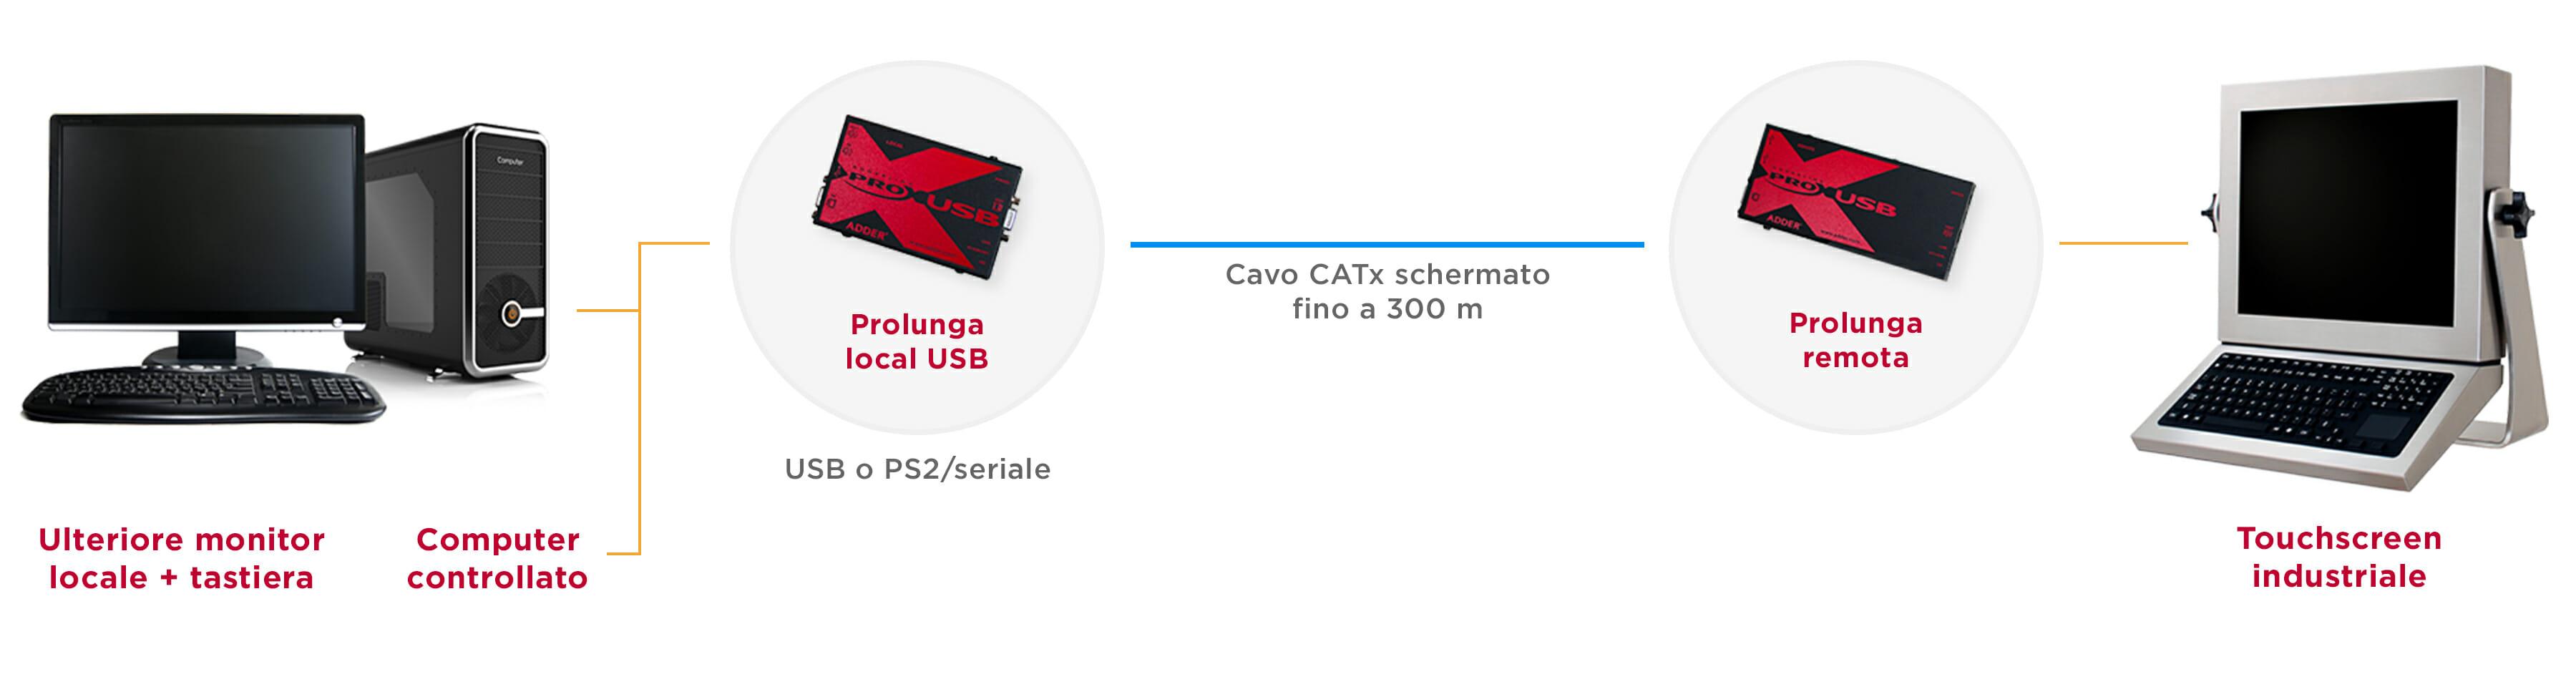 Diagramma del sistema di prolunghe KVM industriali per una distanza di 300 m su un cavo CATx schermato